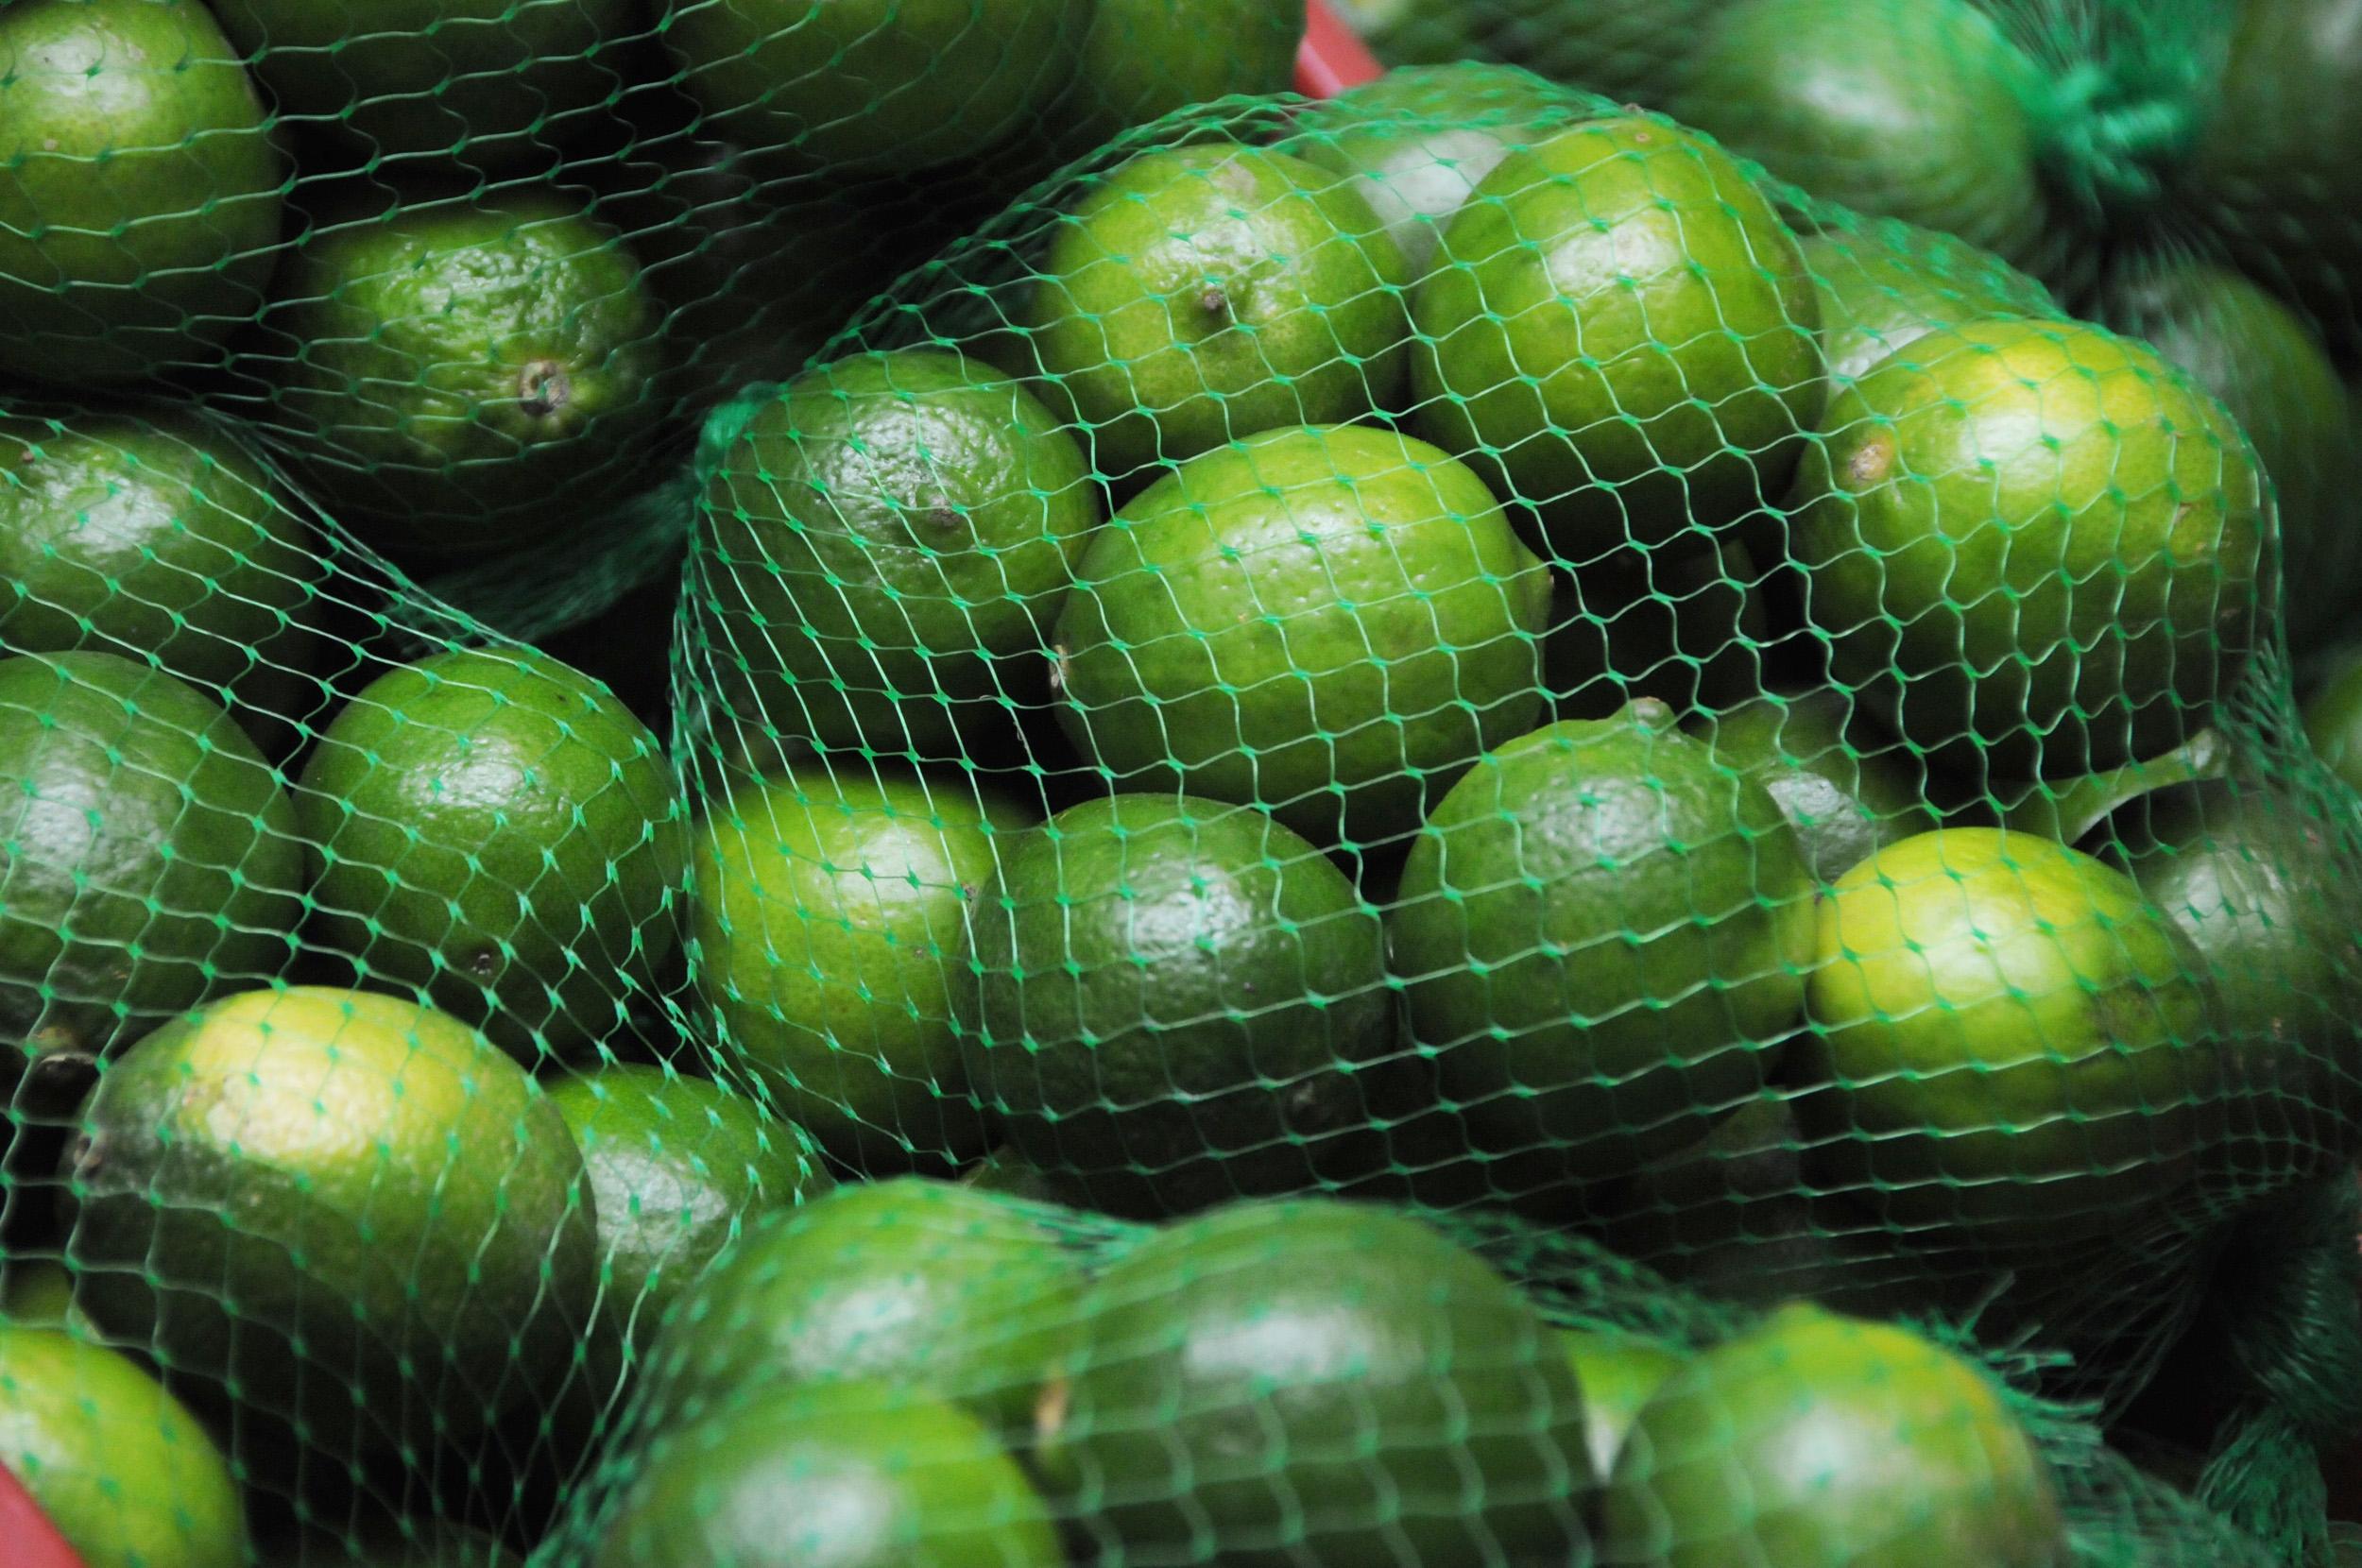 Se desploma exportación de limón persa por la canícula